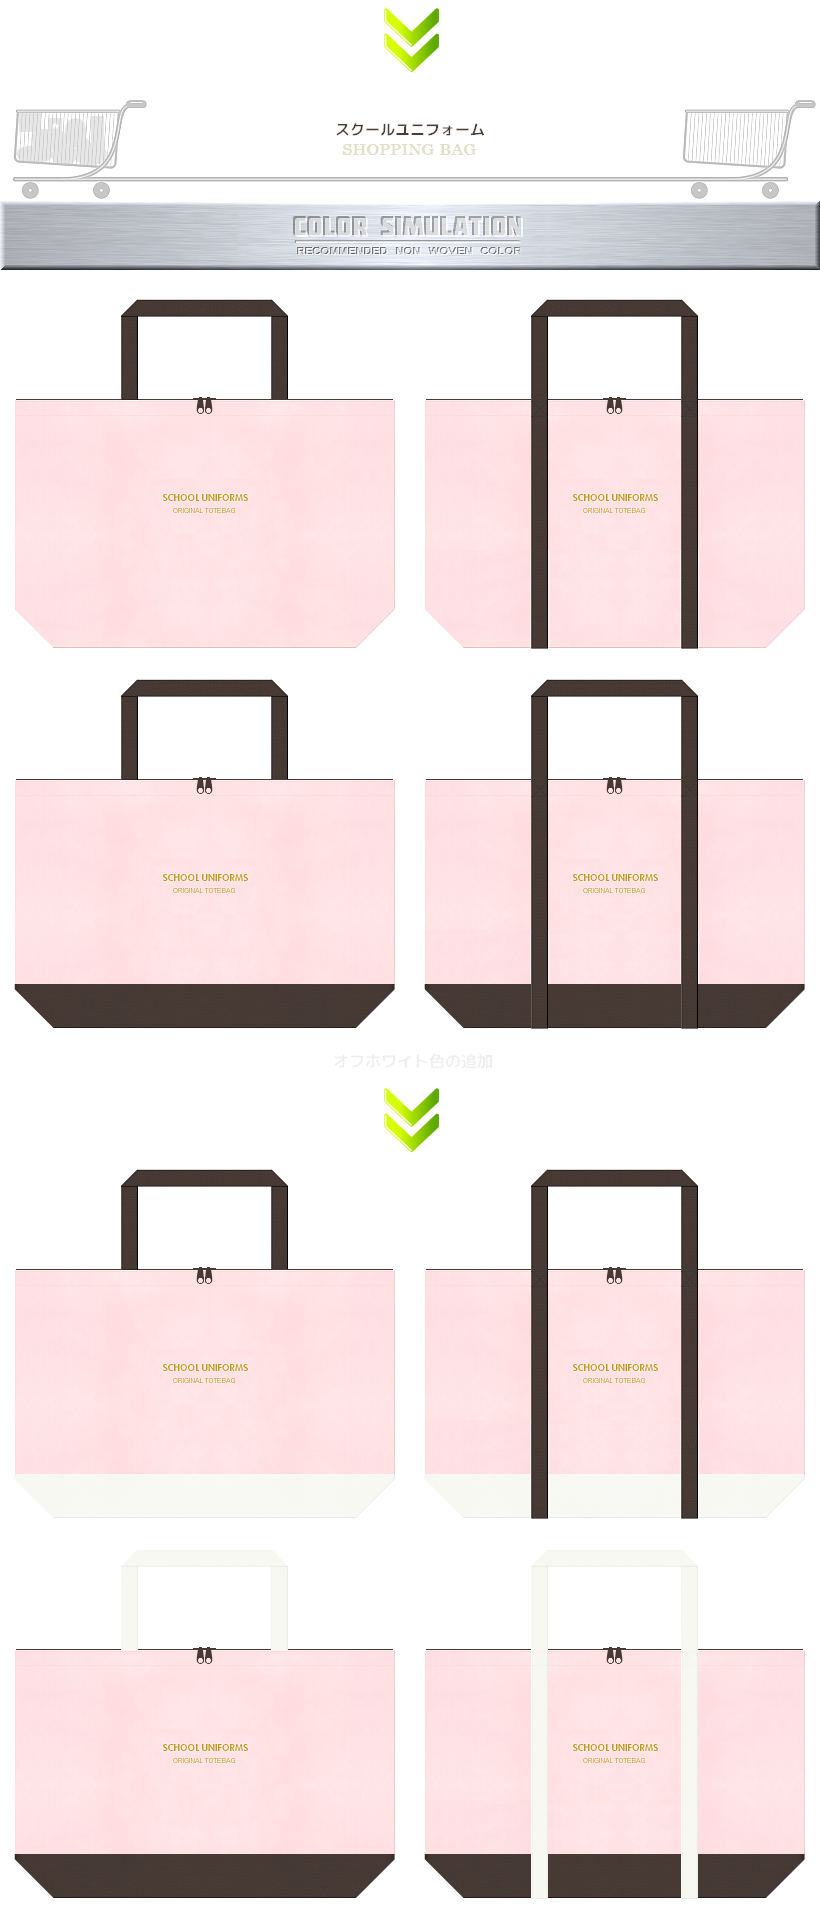 桜色とこげ茶色をメインに使用した不織布バッグのカラーシミュレーション:学生服のショッピングバッグ